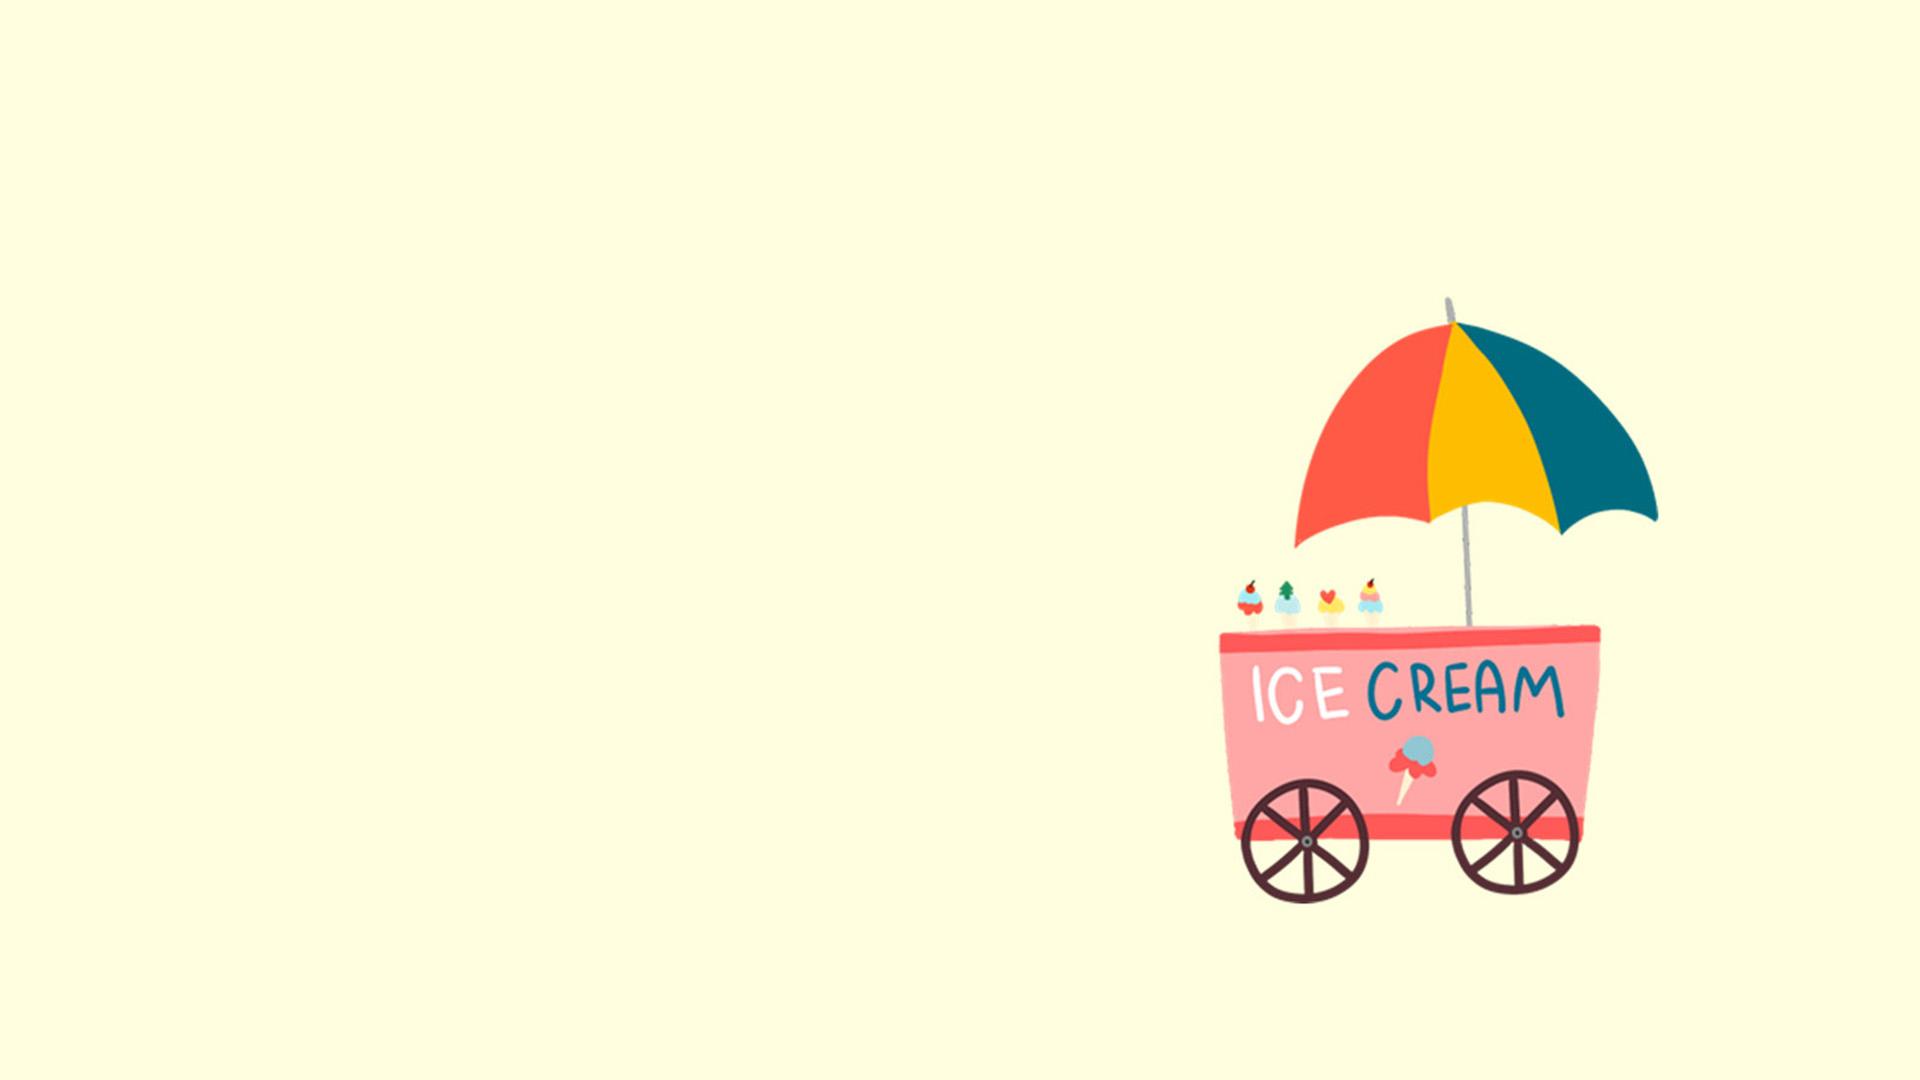 文艺小清新卡通纯色背景冰淇淋ppt背景图片下载